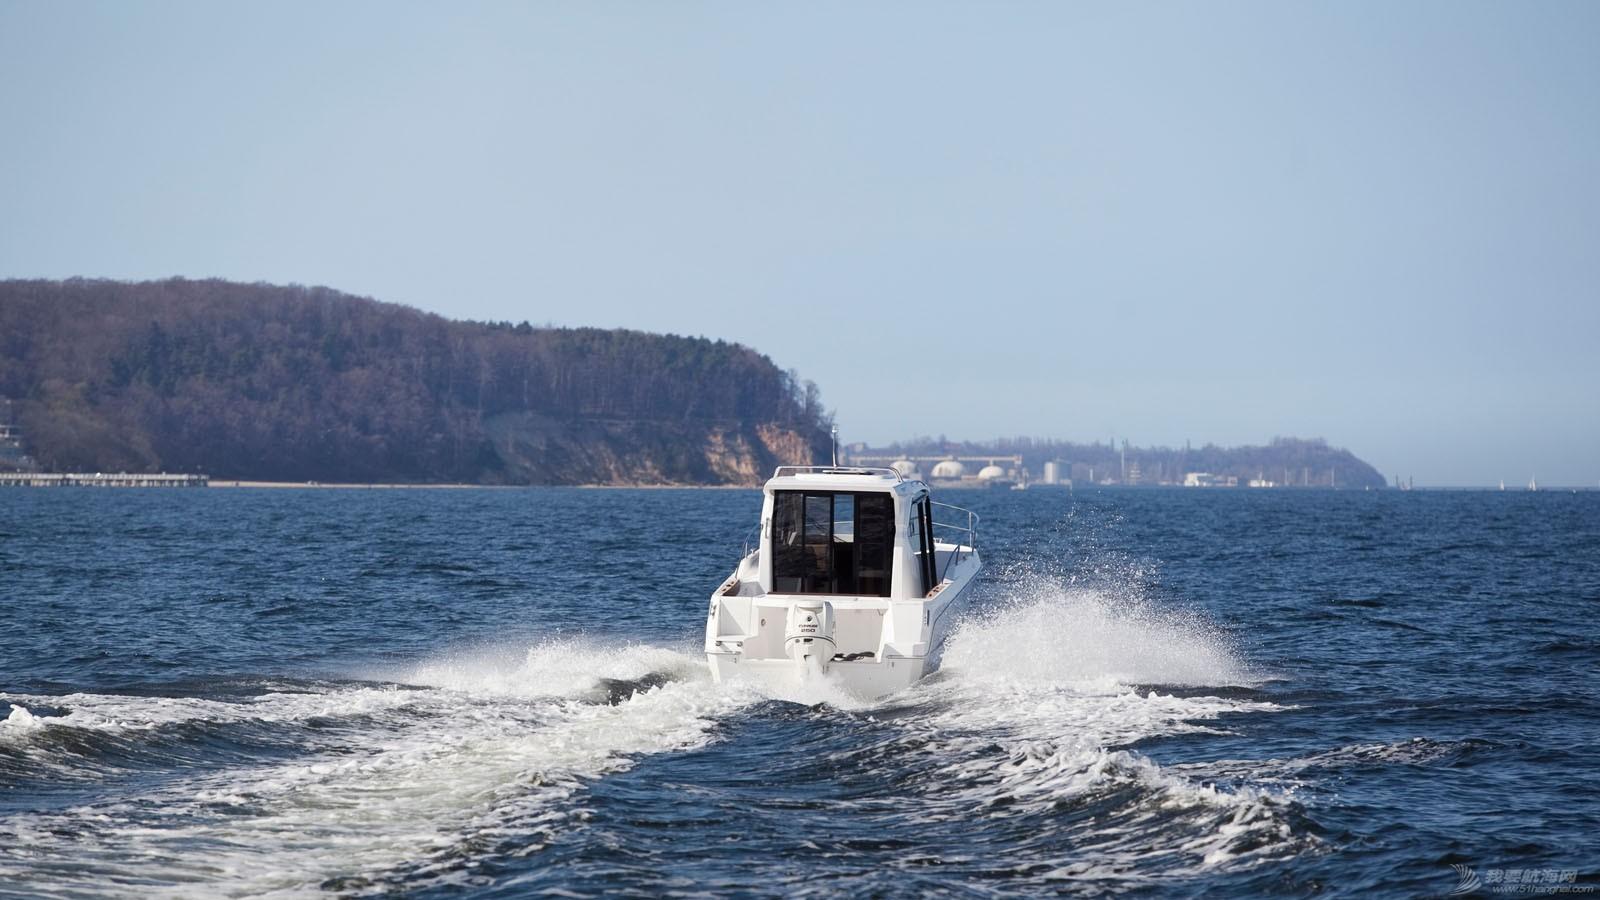 进口 波兰进口Galia 750 Hardtop硬顶钓鱼艇出售 _MG_3993wide